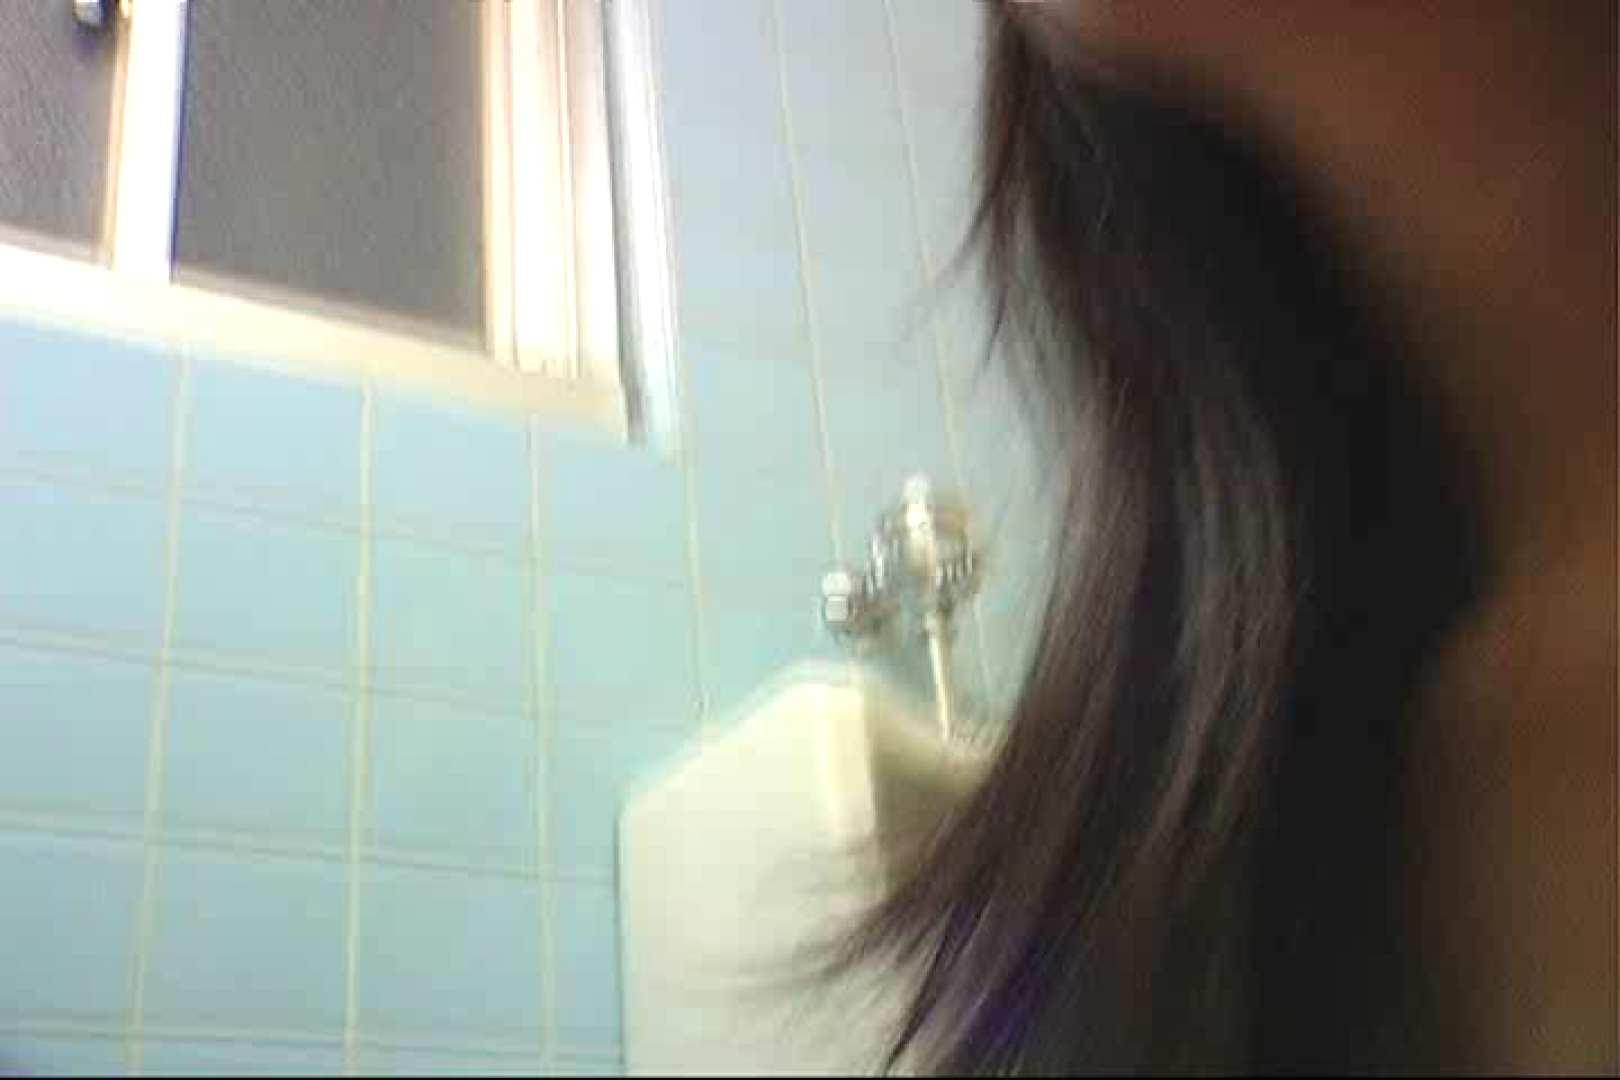 雑居ビル洗面所只今使用禁止中!Vol.2 美しいOLの裸体 アダルト動画キャプチャ 77pic 17